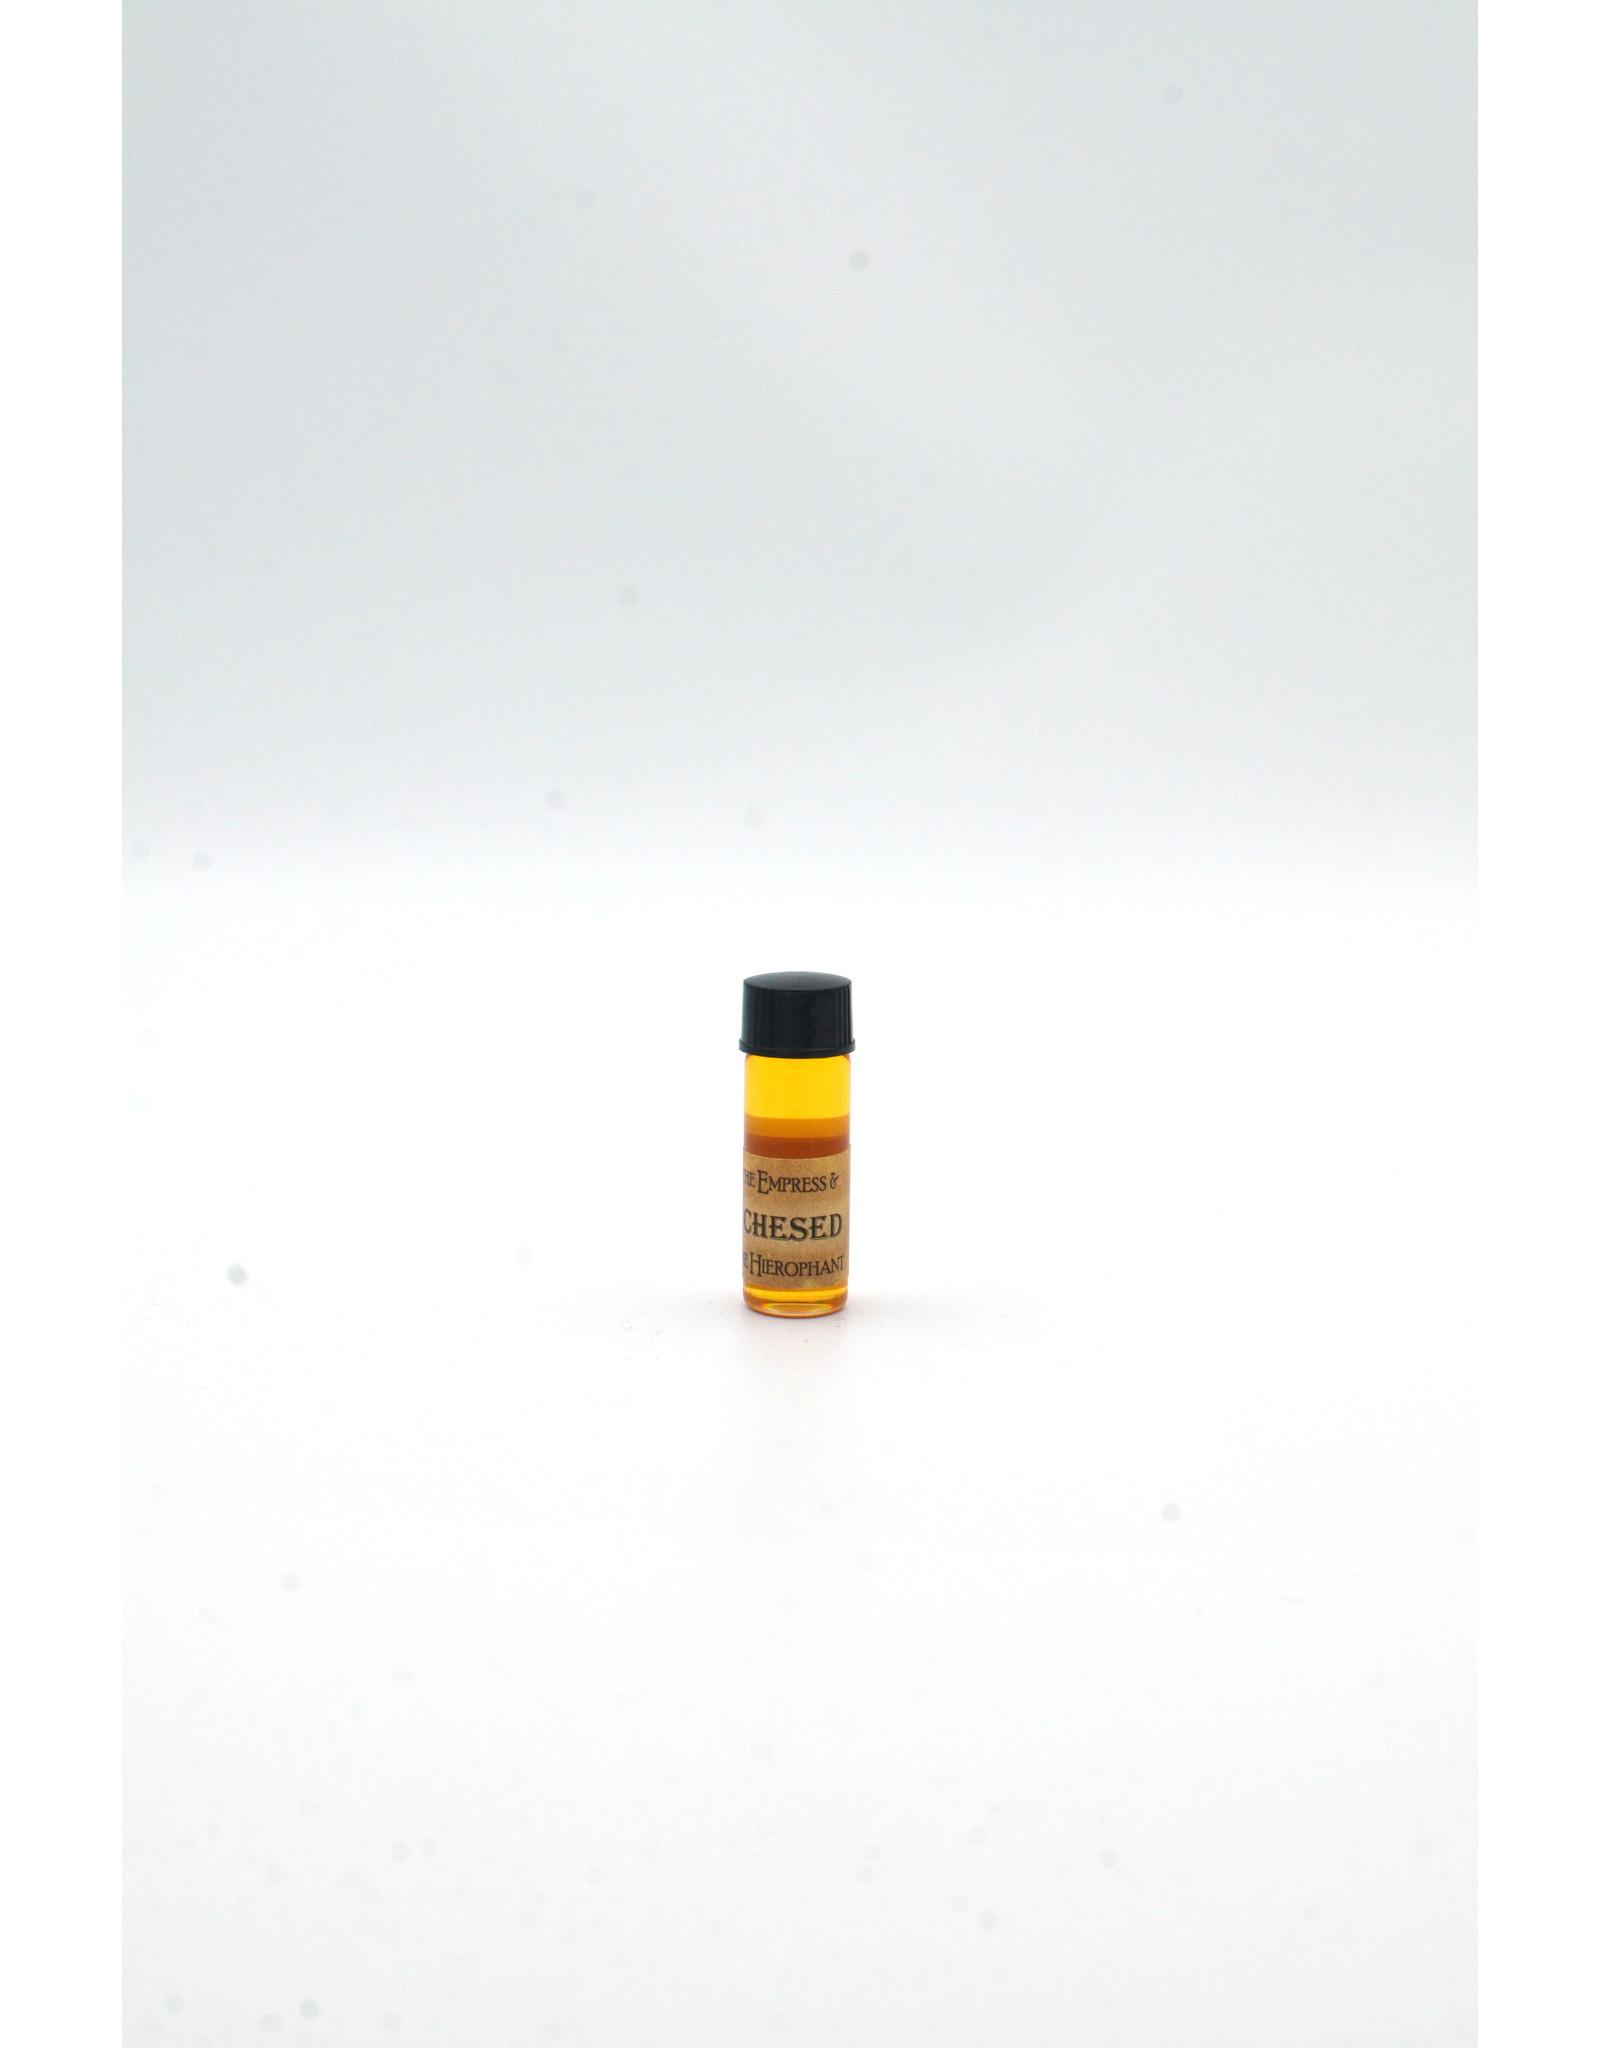 Chesed Magickal Oil 1 Dram Bottle